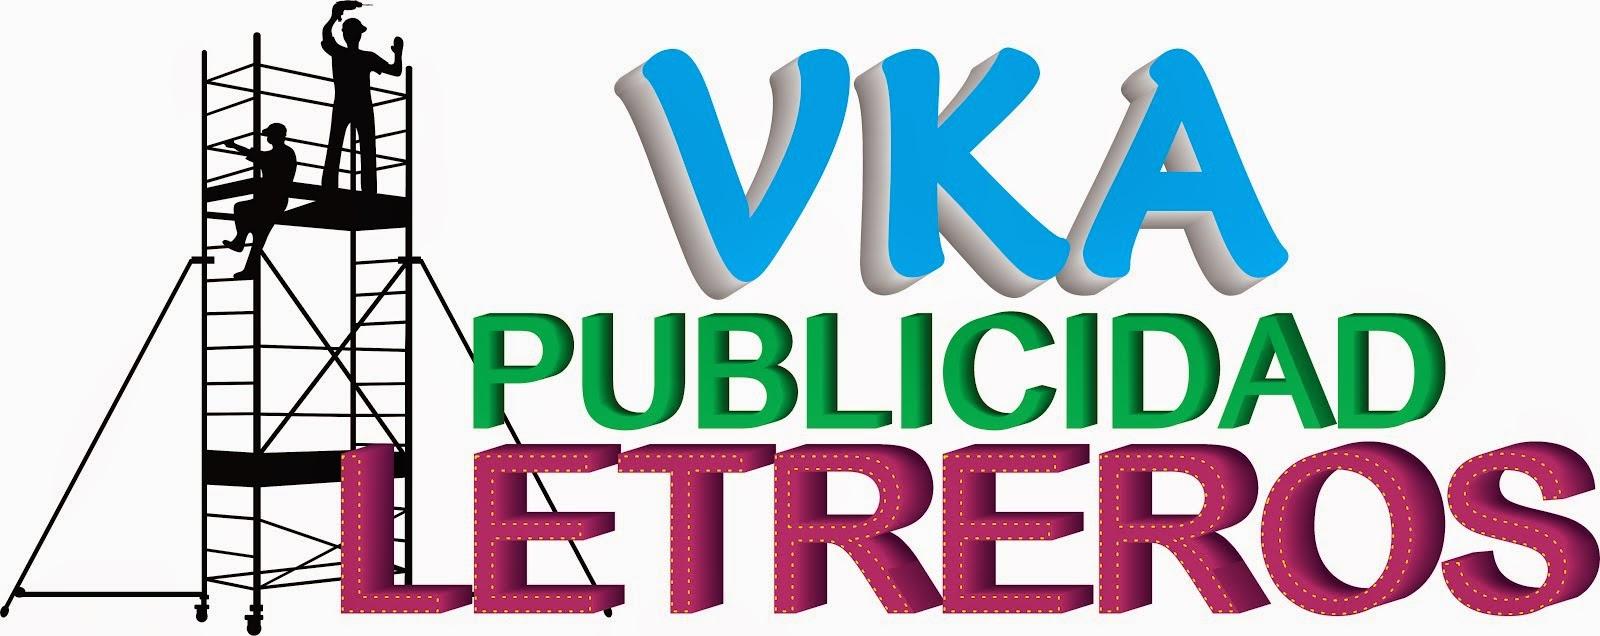 VKA PUBLICIDAD LETREROS S.A.C.